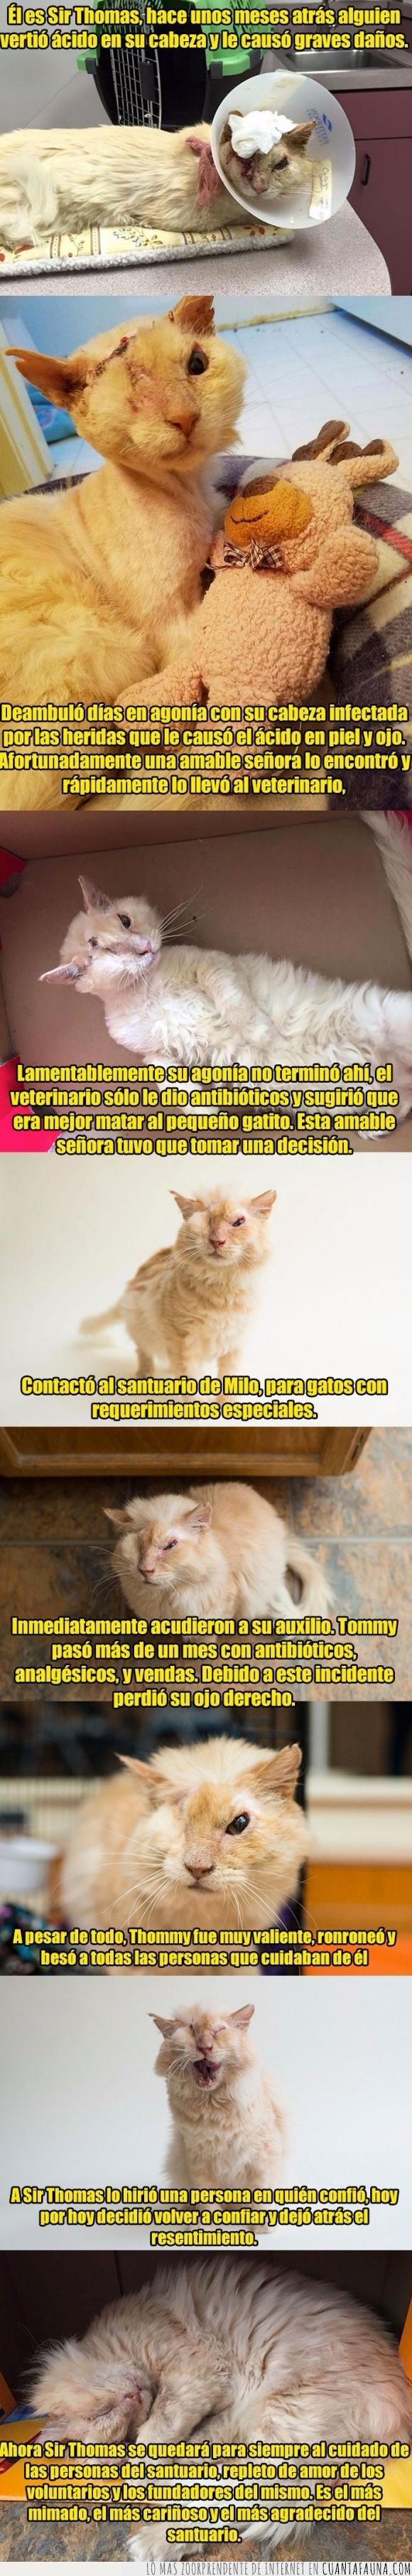 ácido,cara,gato,sir thomas